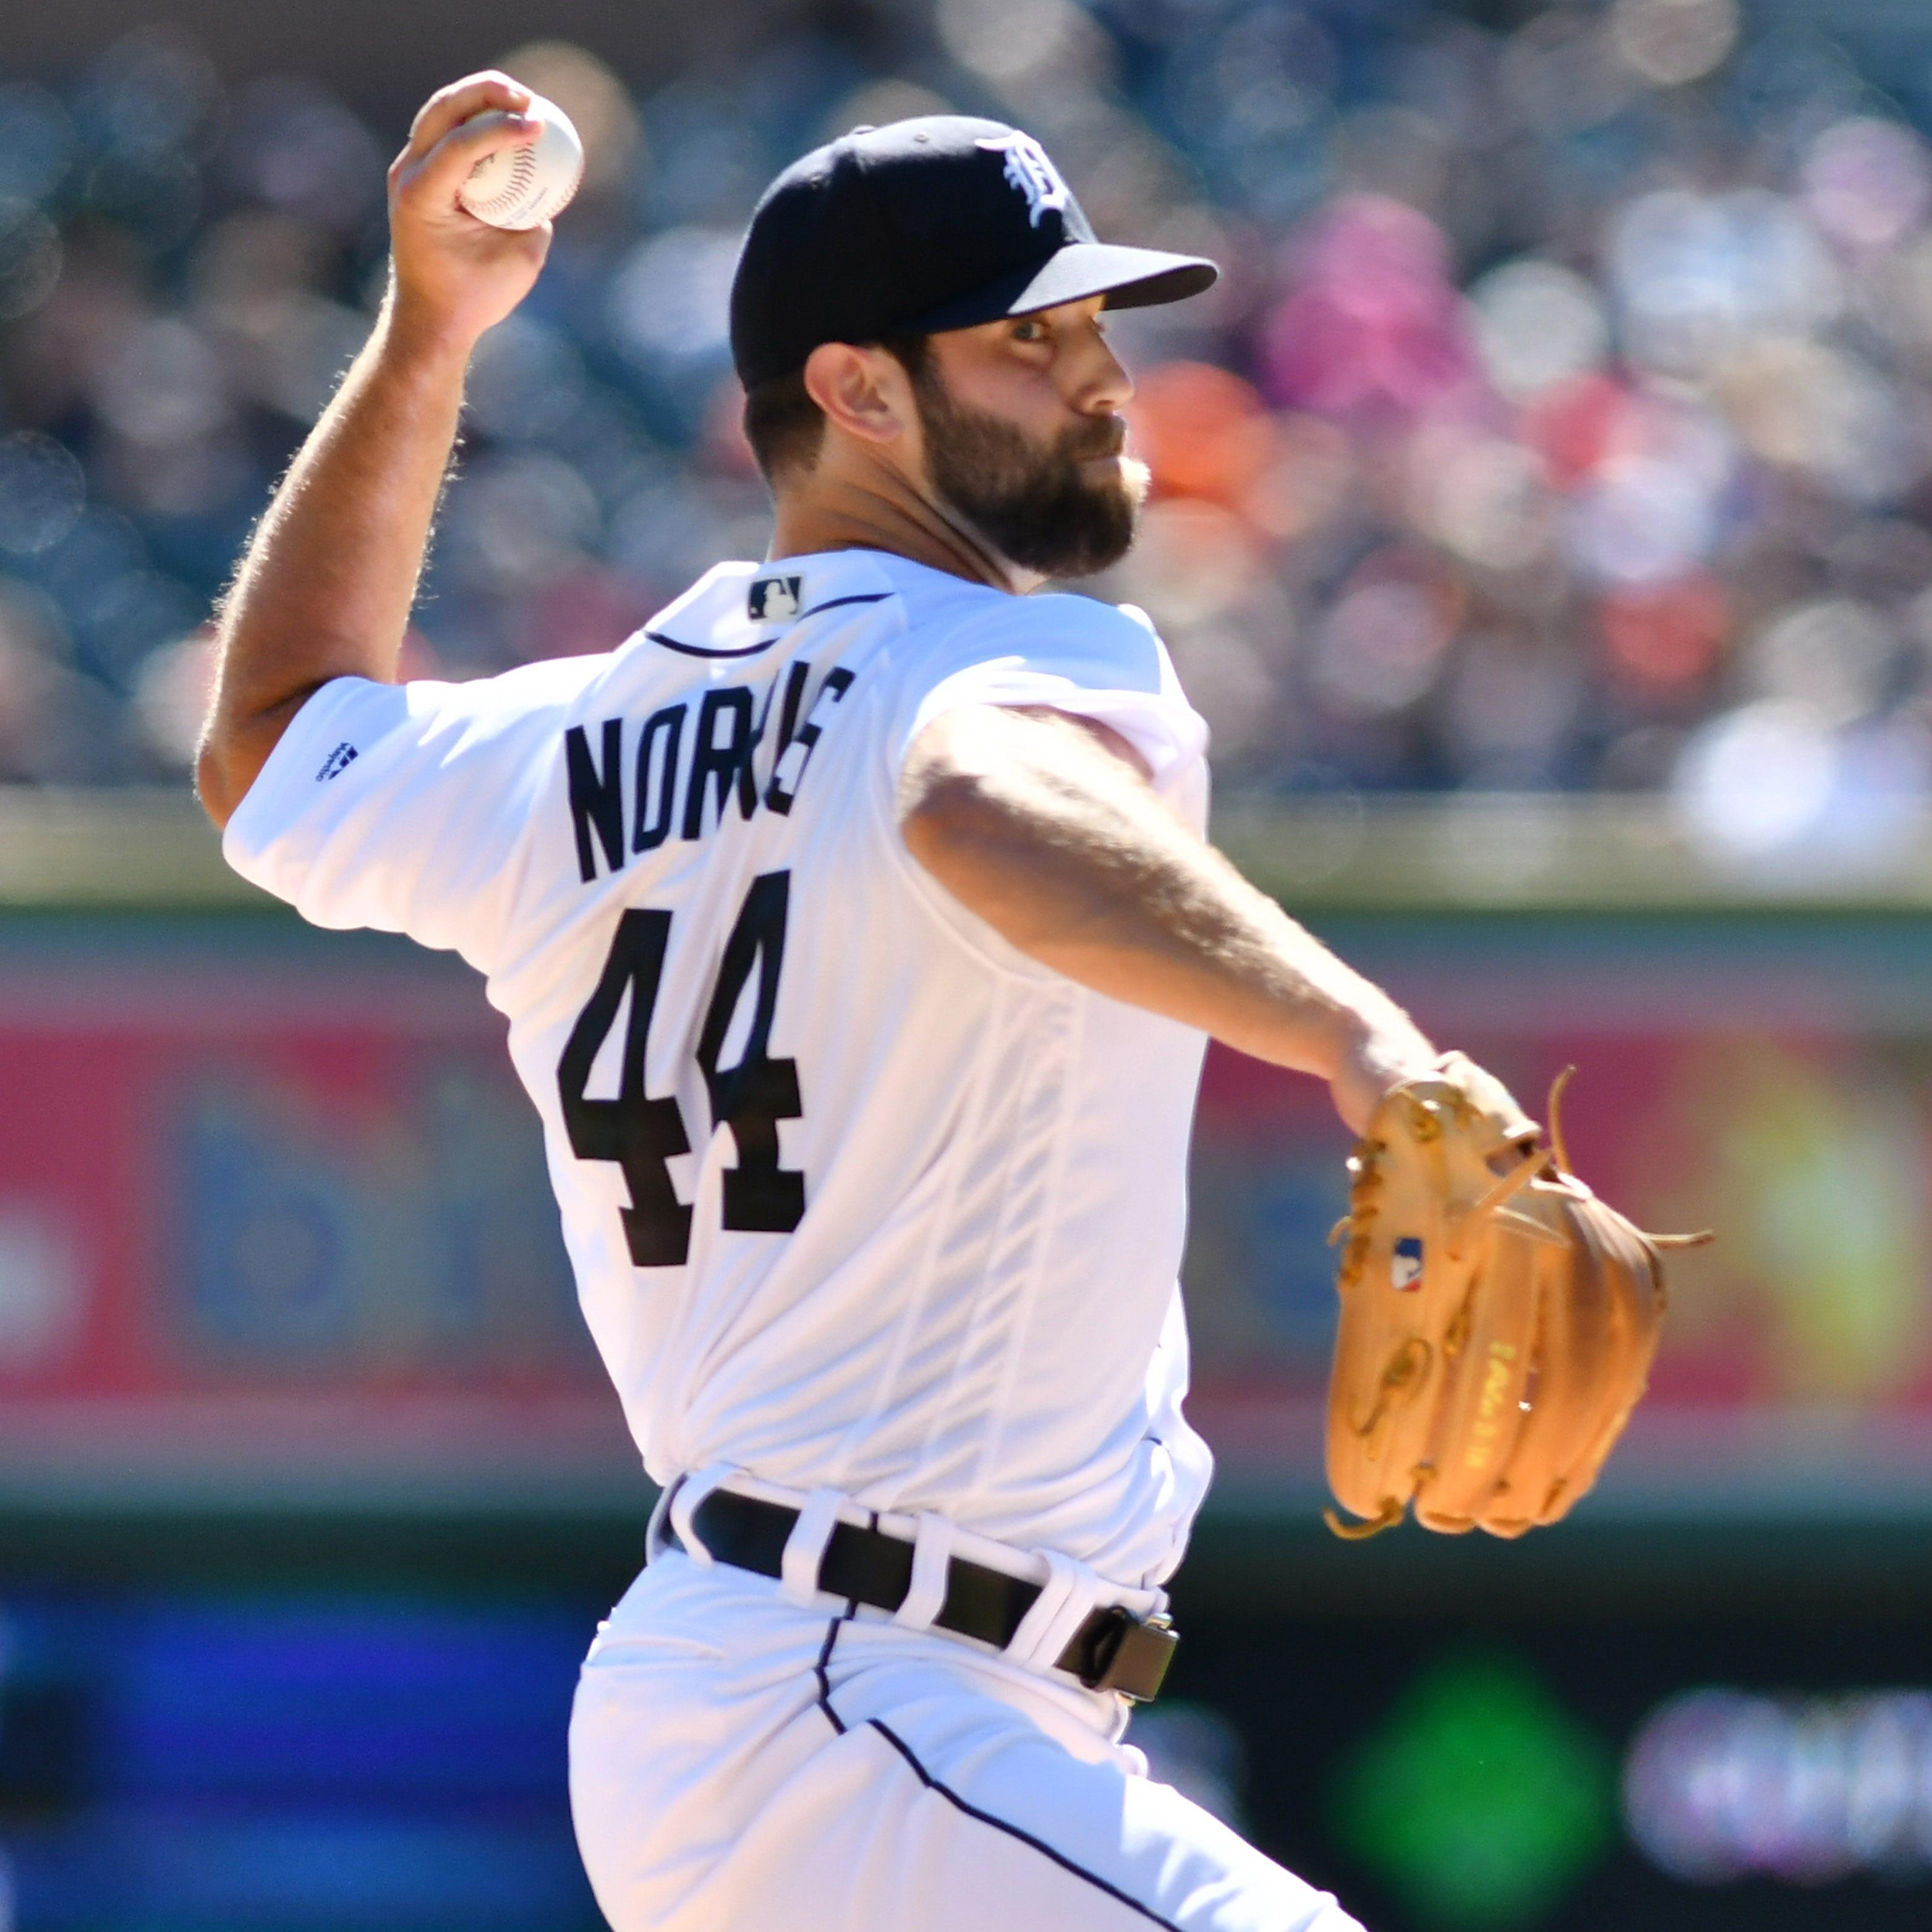 Jordan Zimmermann's tip helps Tigers' Daniel Norris gain immediate uptick in velocity